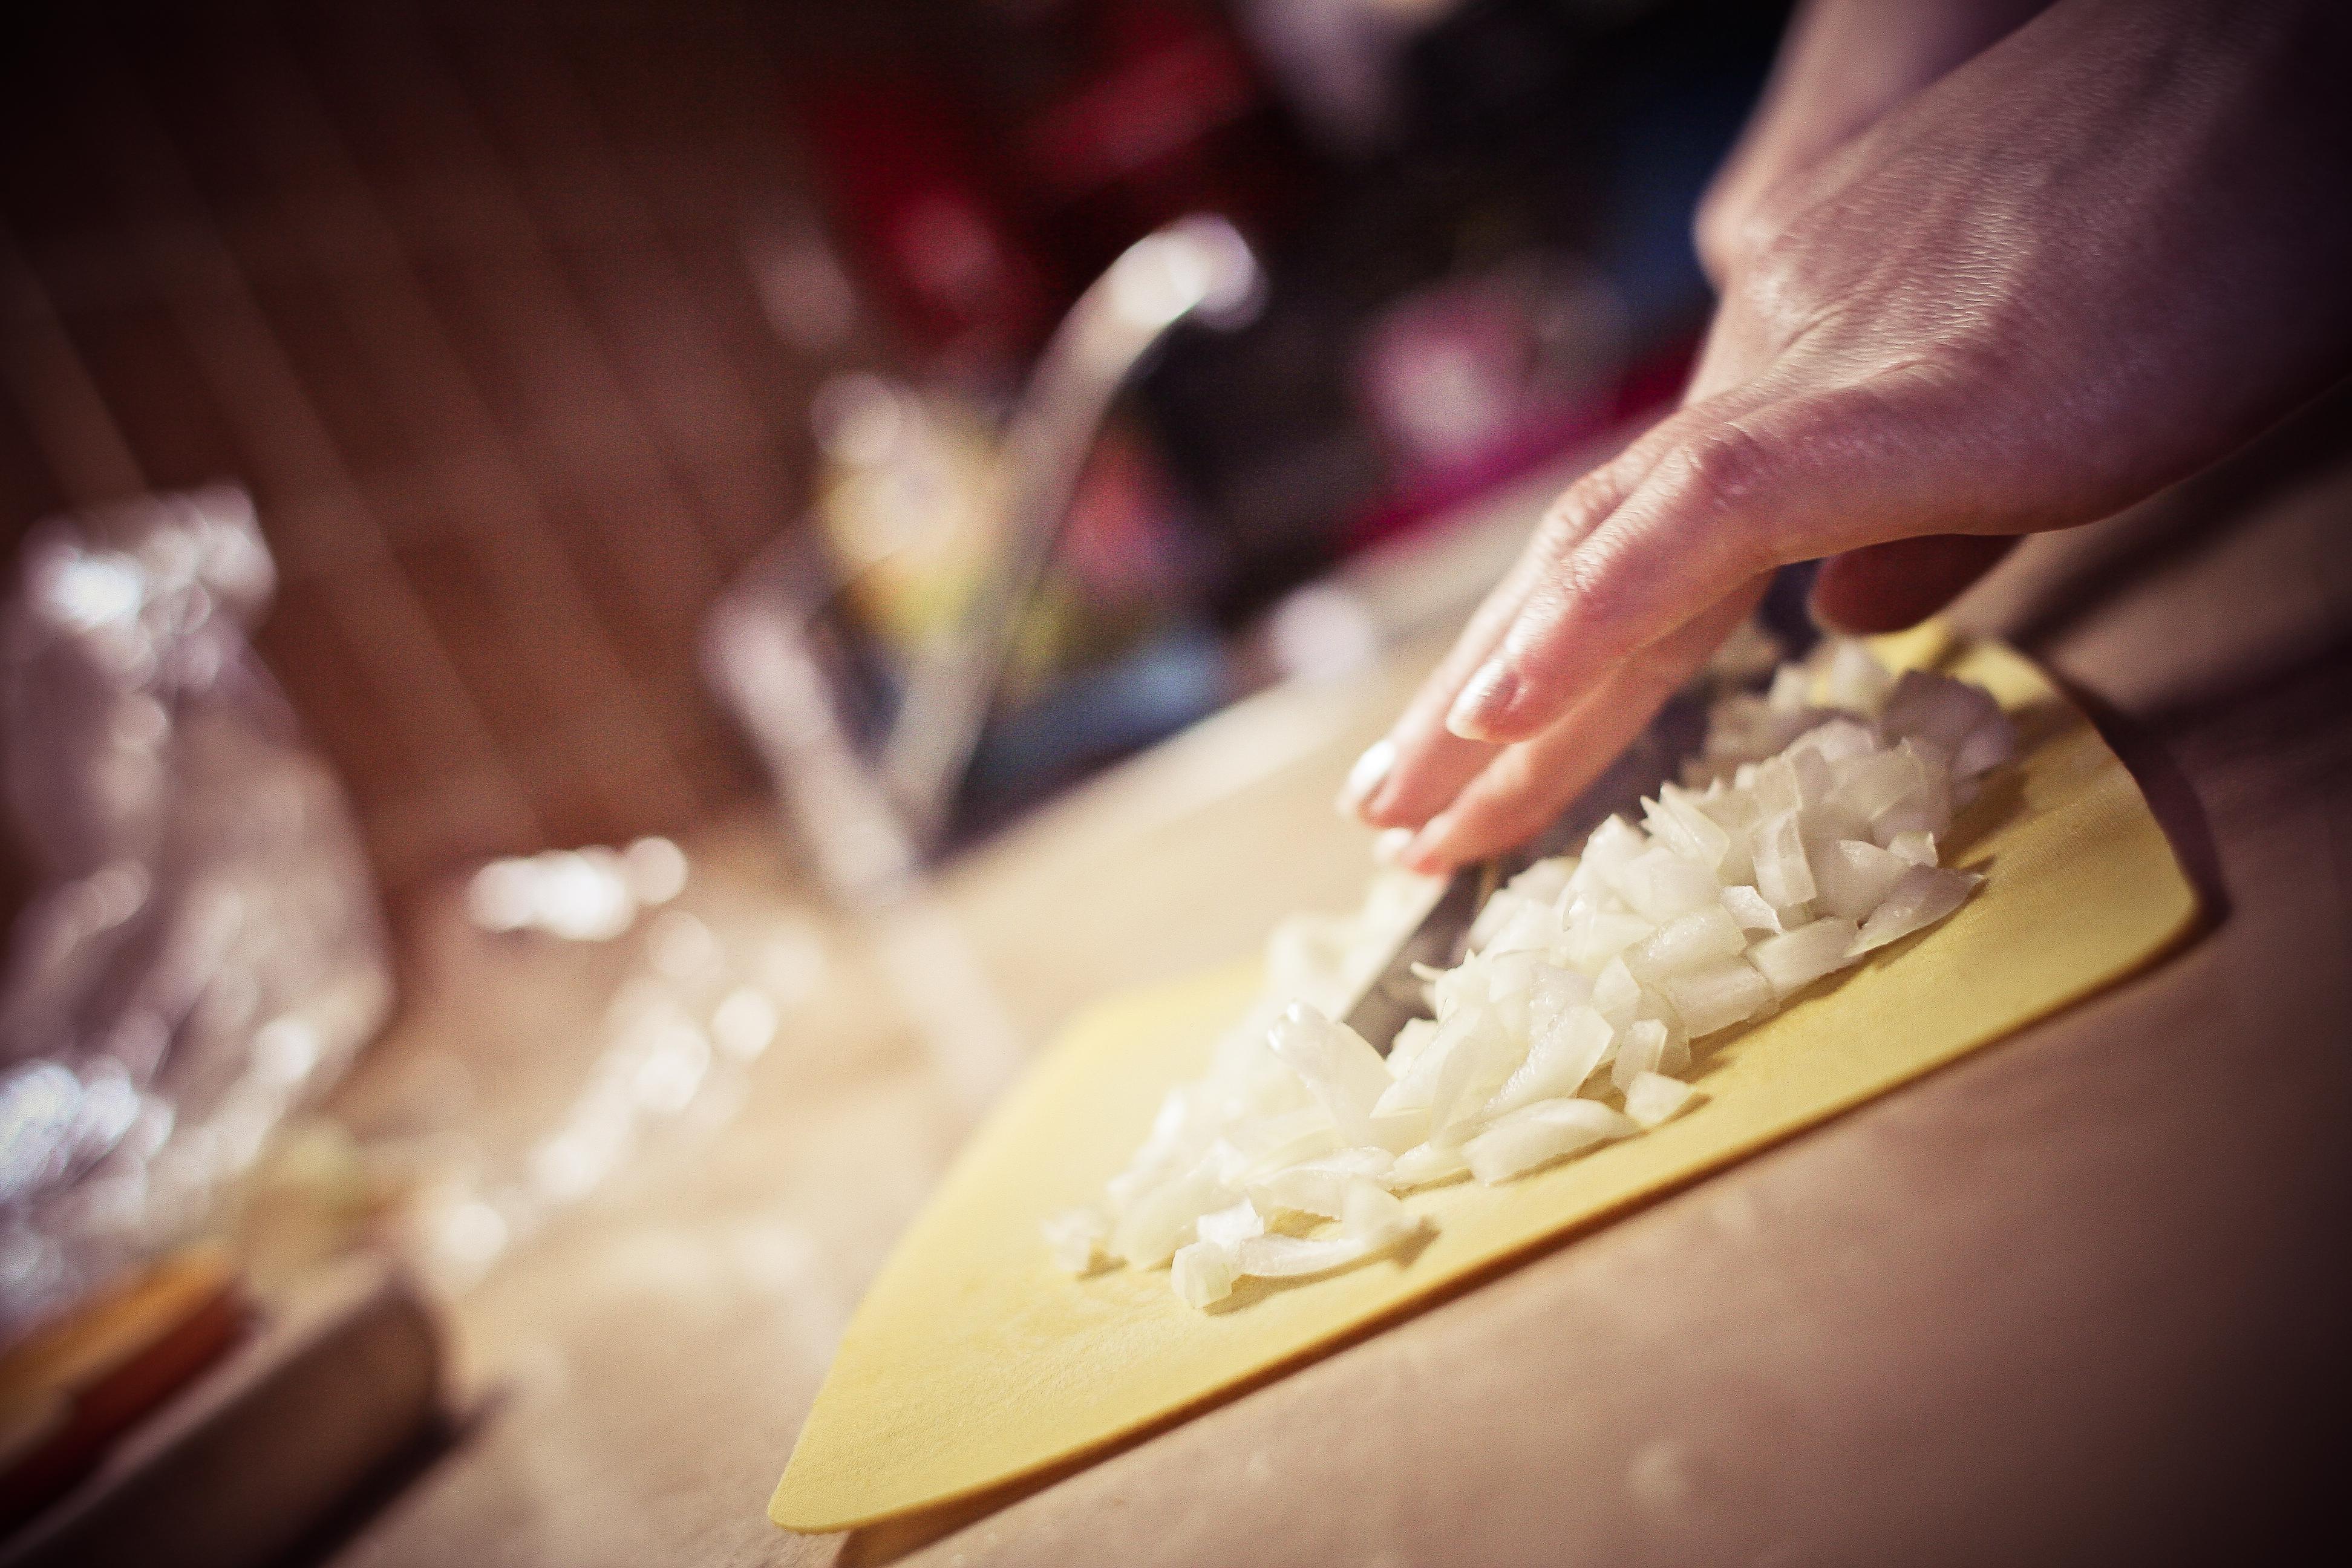 Etapy smażenia cebuli – krótki instruktaż